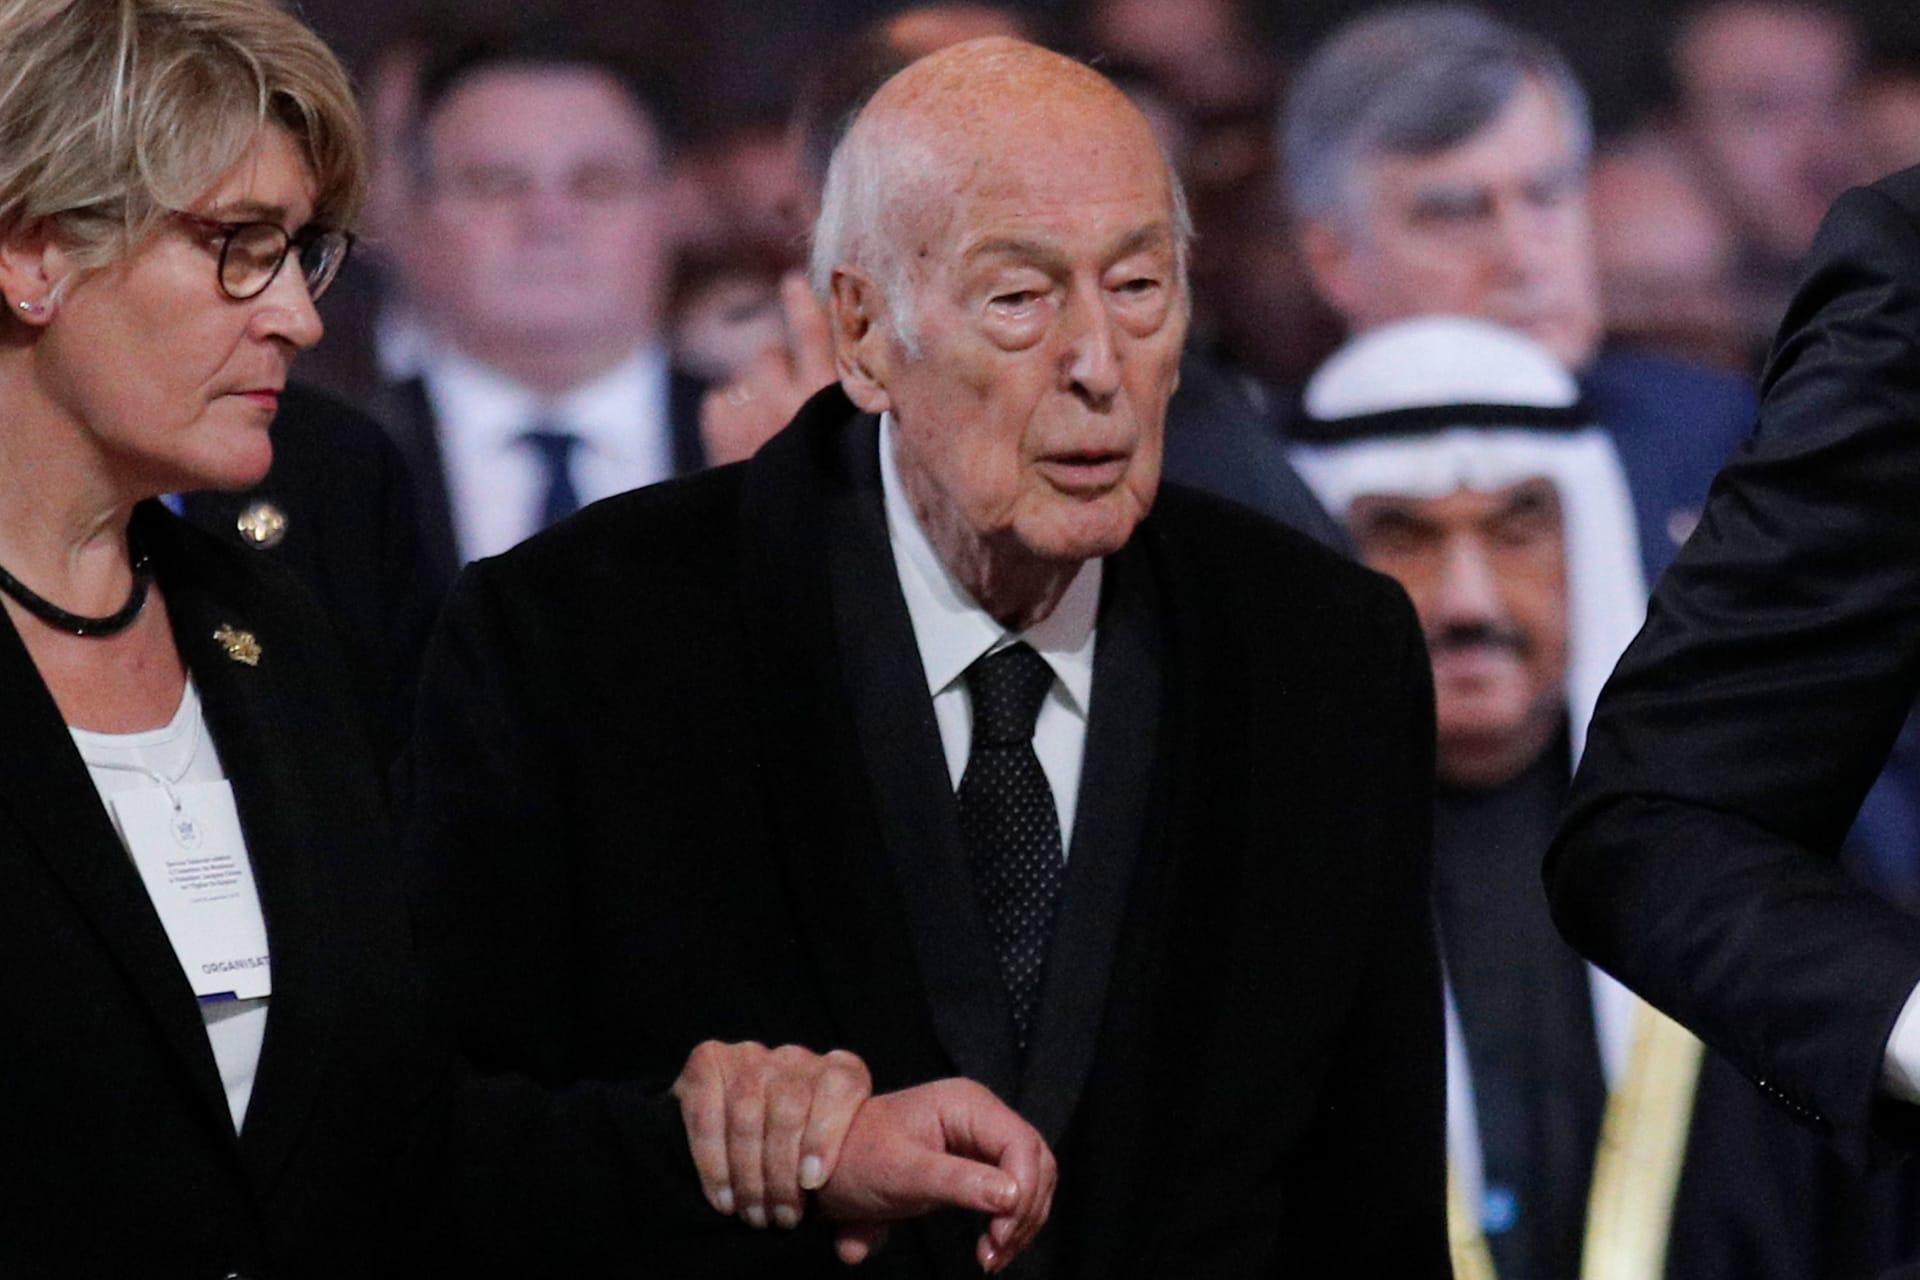 وفاة الرئيس الفرنسي السابق فاليري جيسكار ديستان عن 94 عامًا